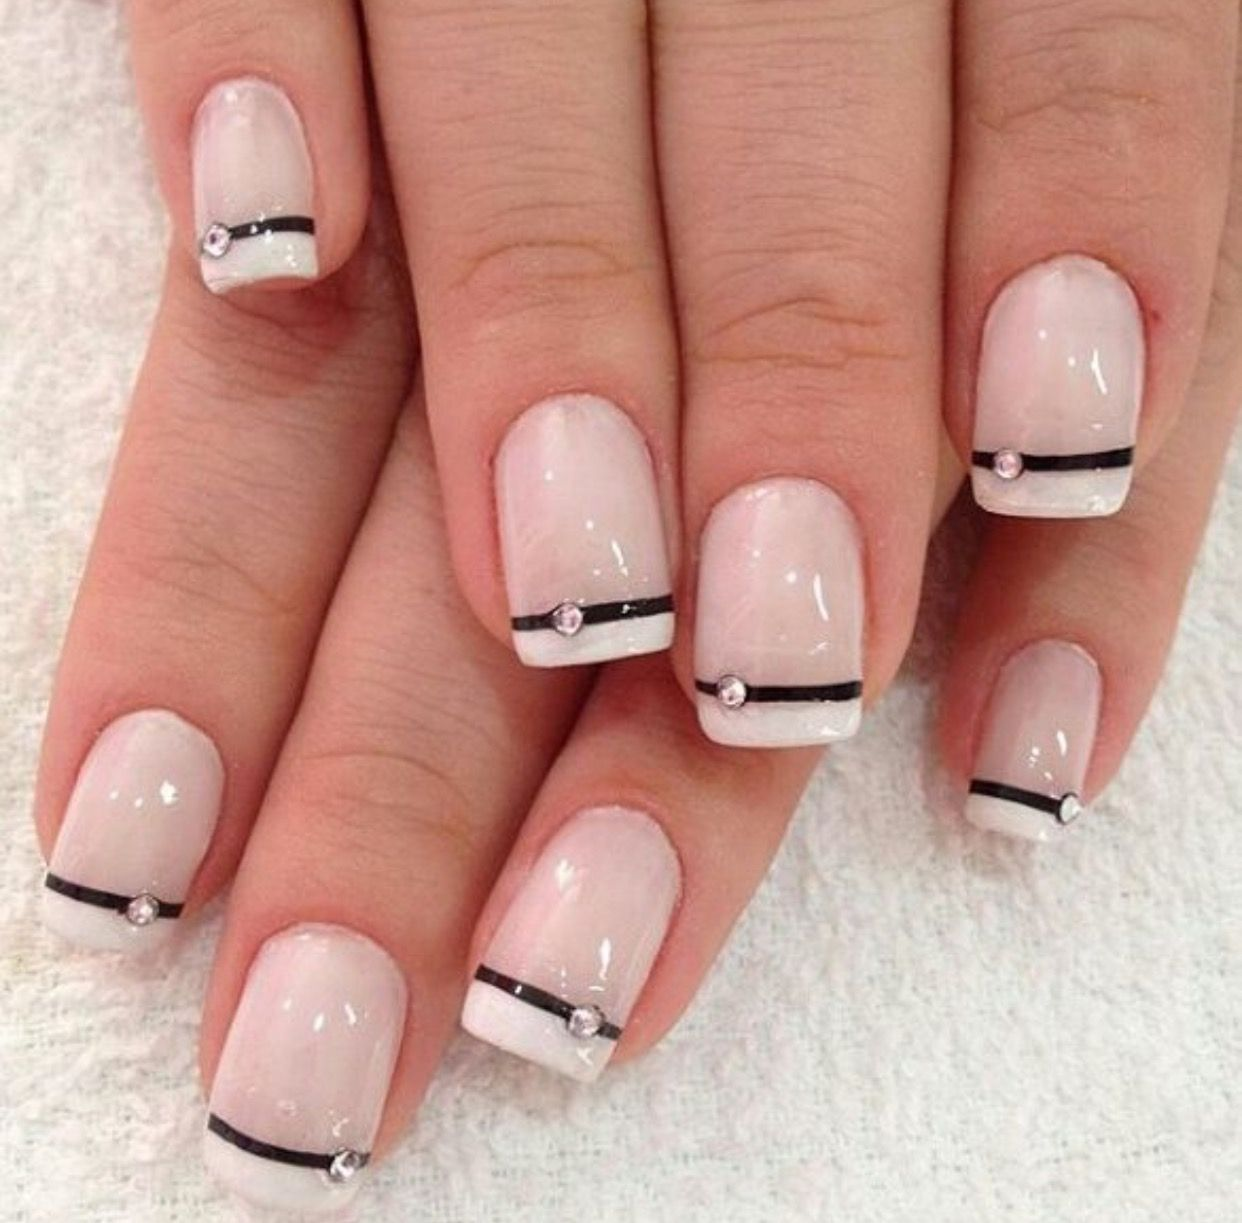 Pin by mara on uñas   Pinterest   Manicure, Style nails and Mani pedi